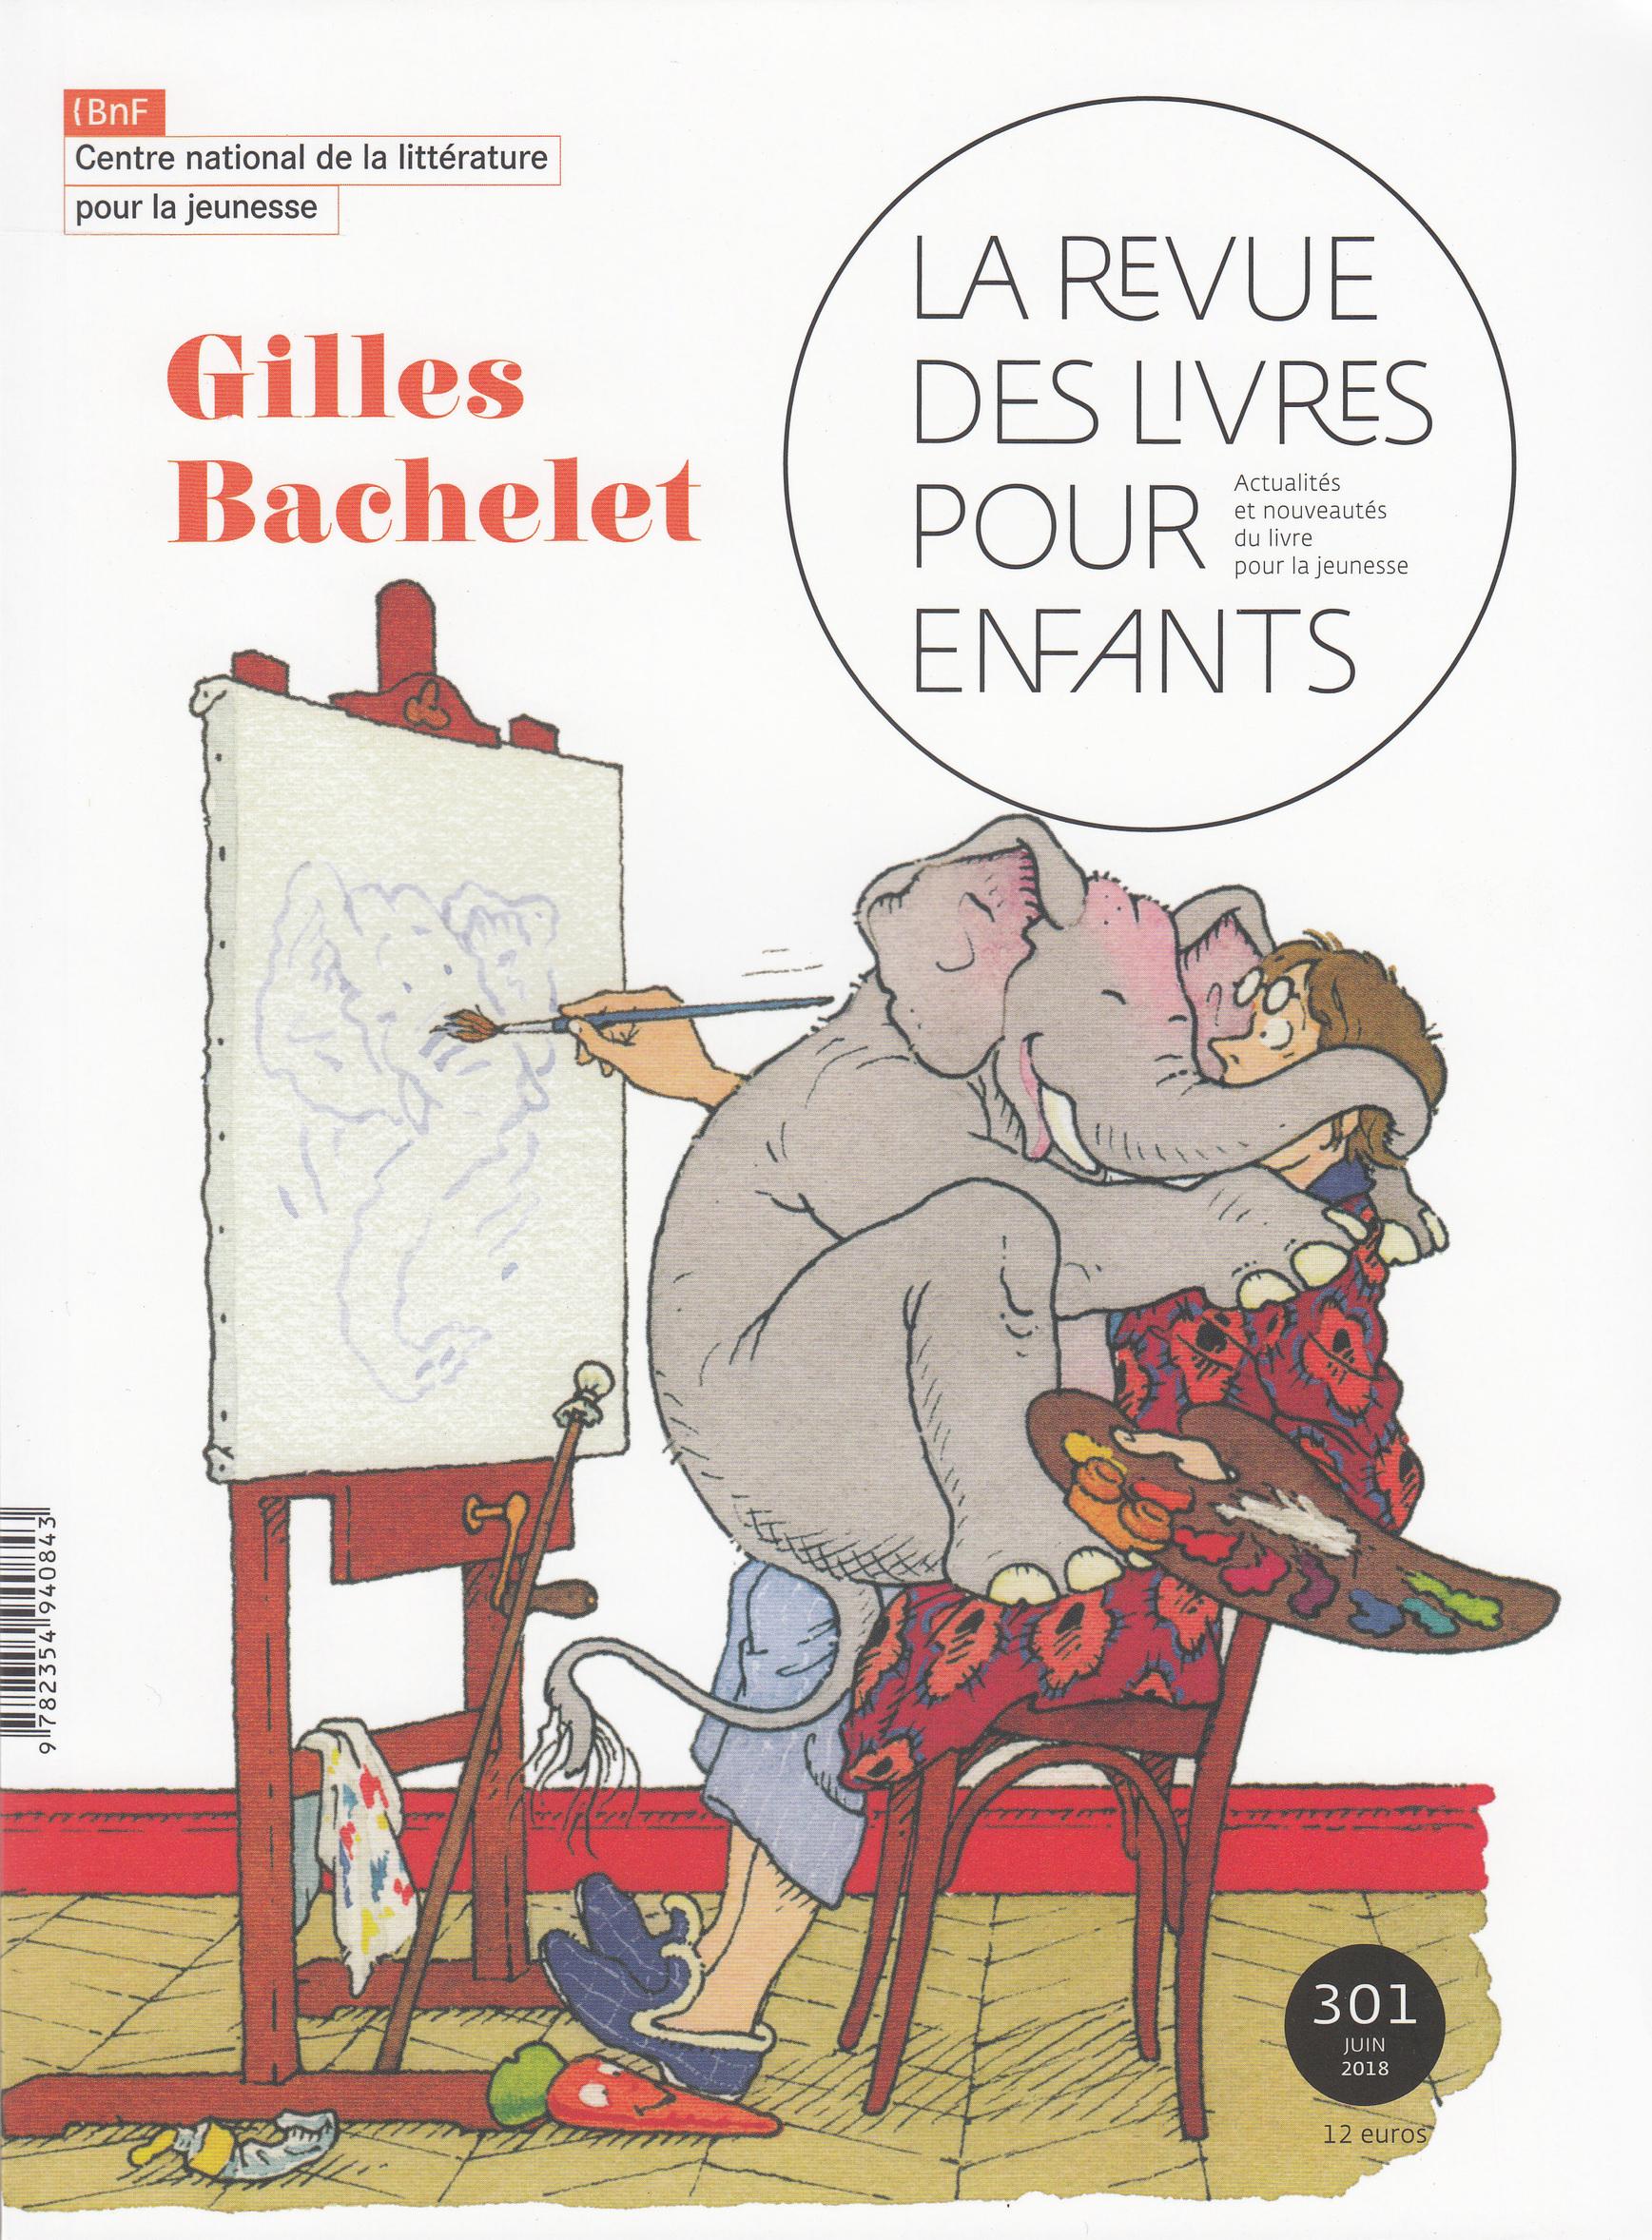 LA REVUE DES LIVRES POUR ENFANTS - GILLES BACHELET